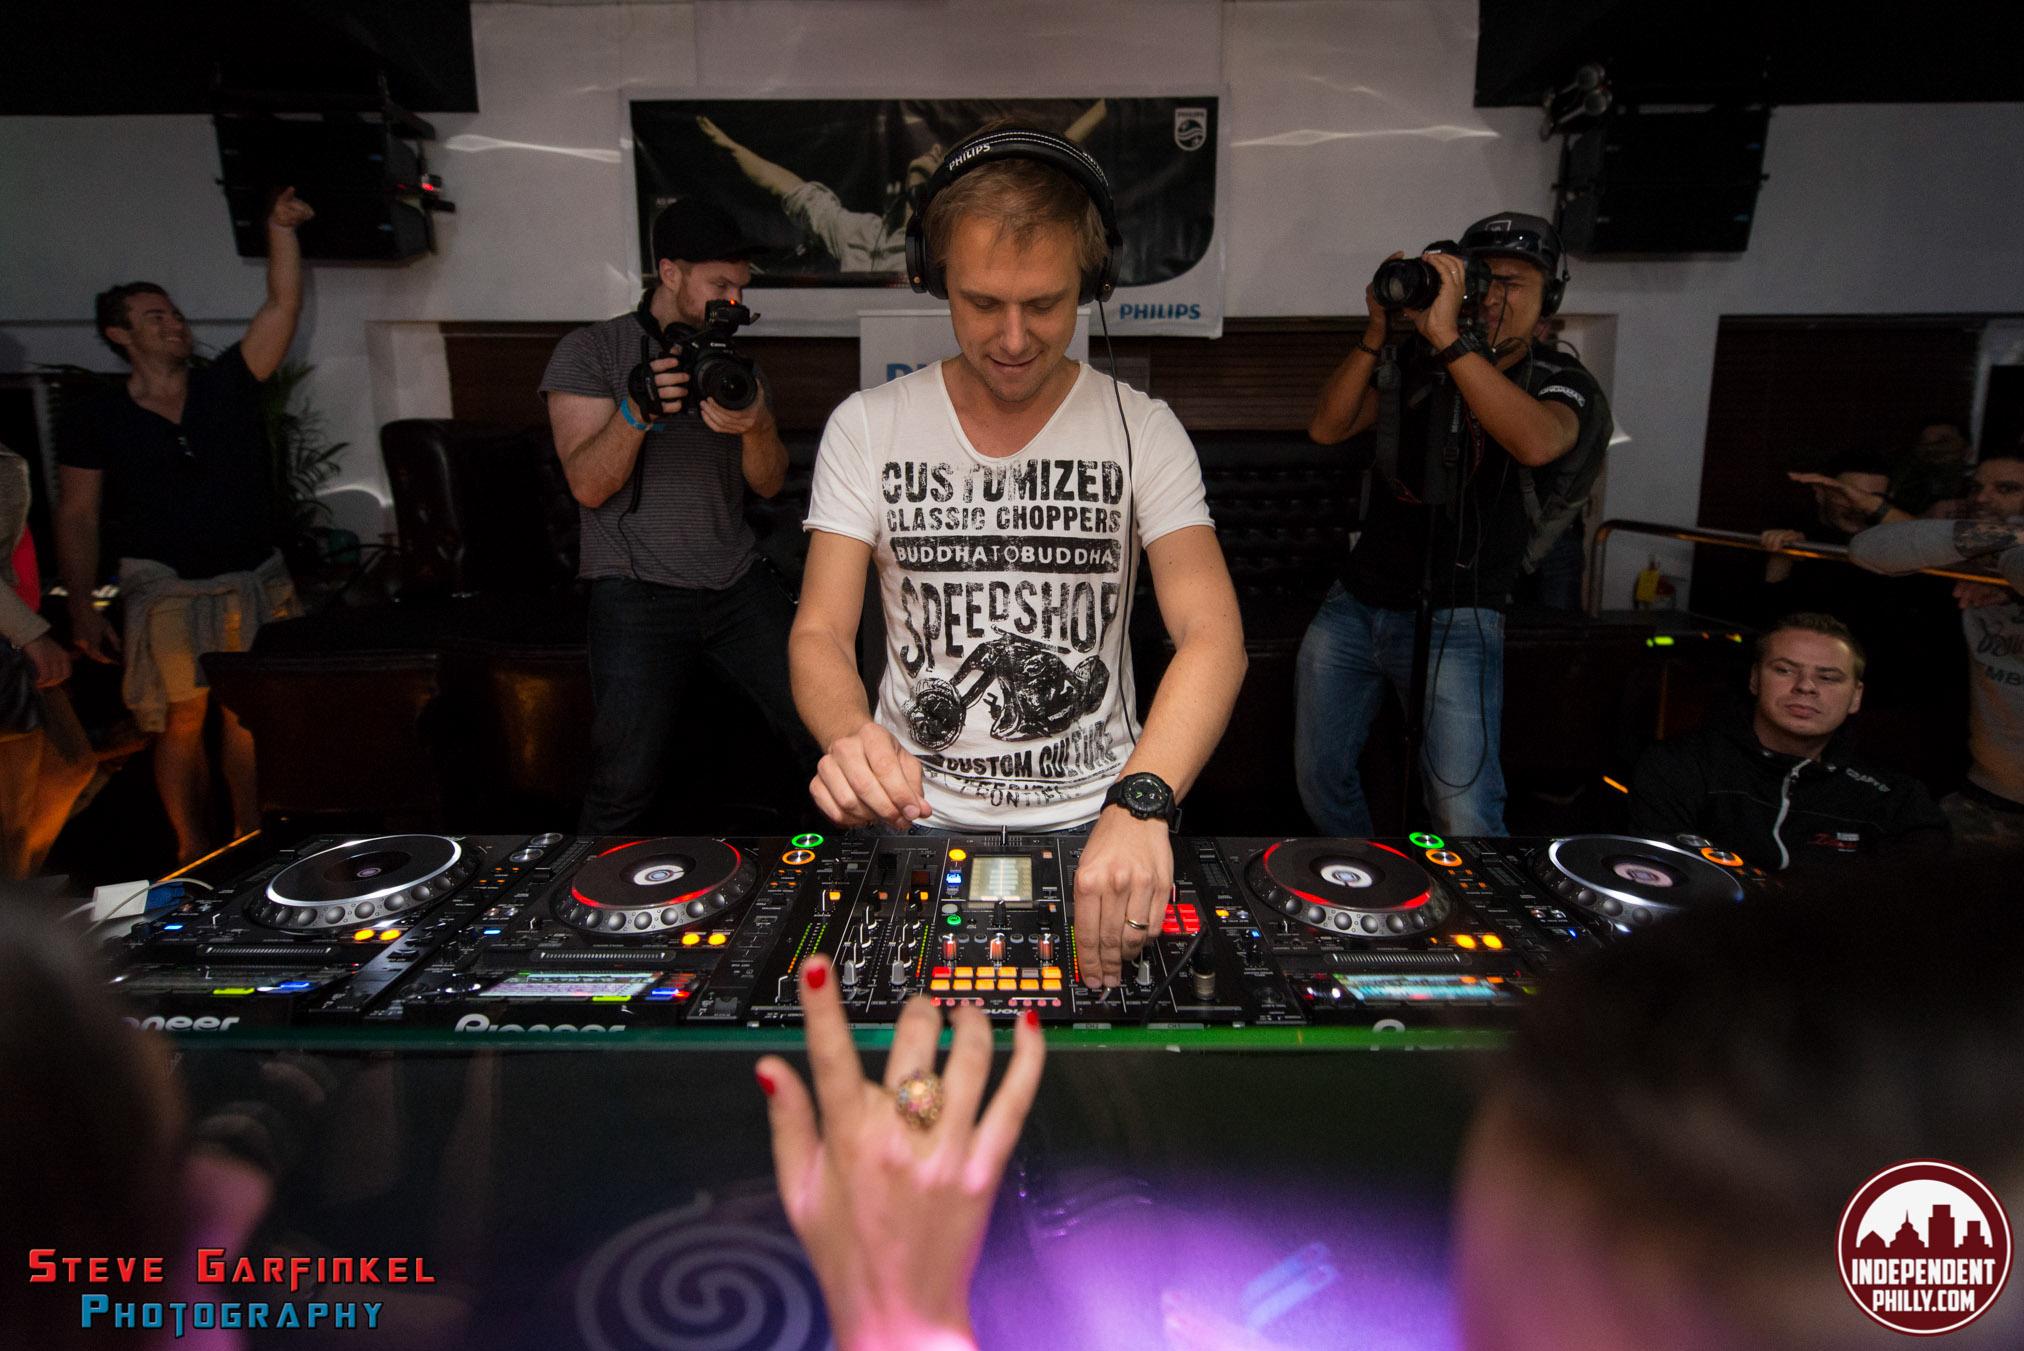 Armin-43